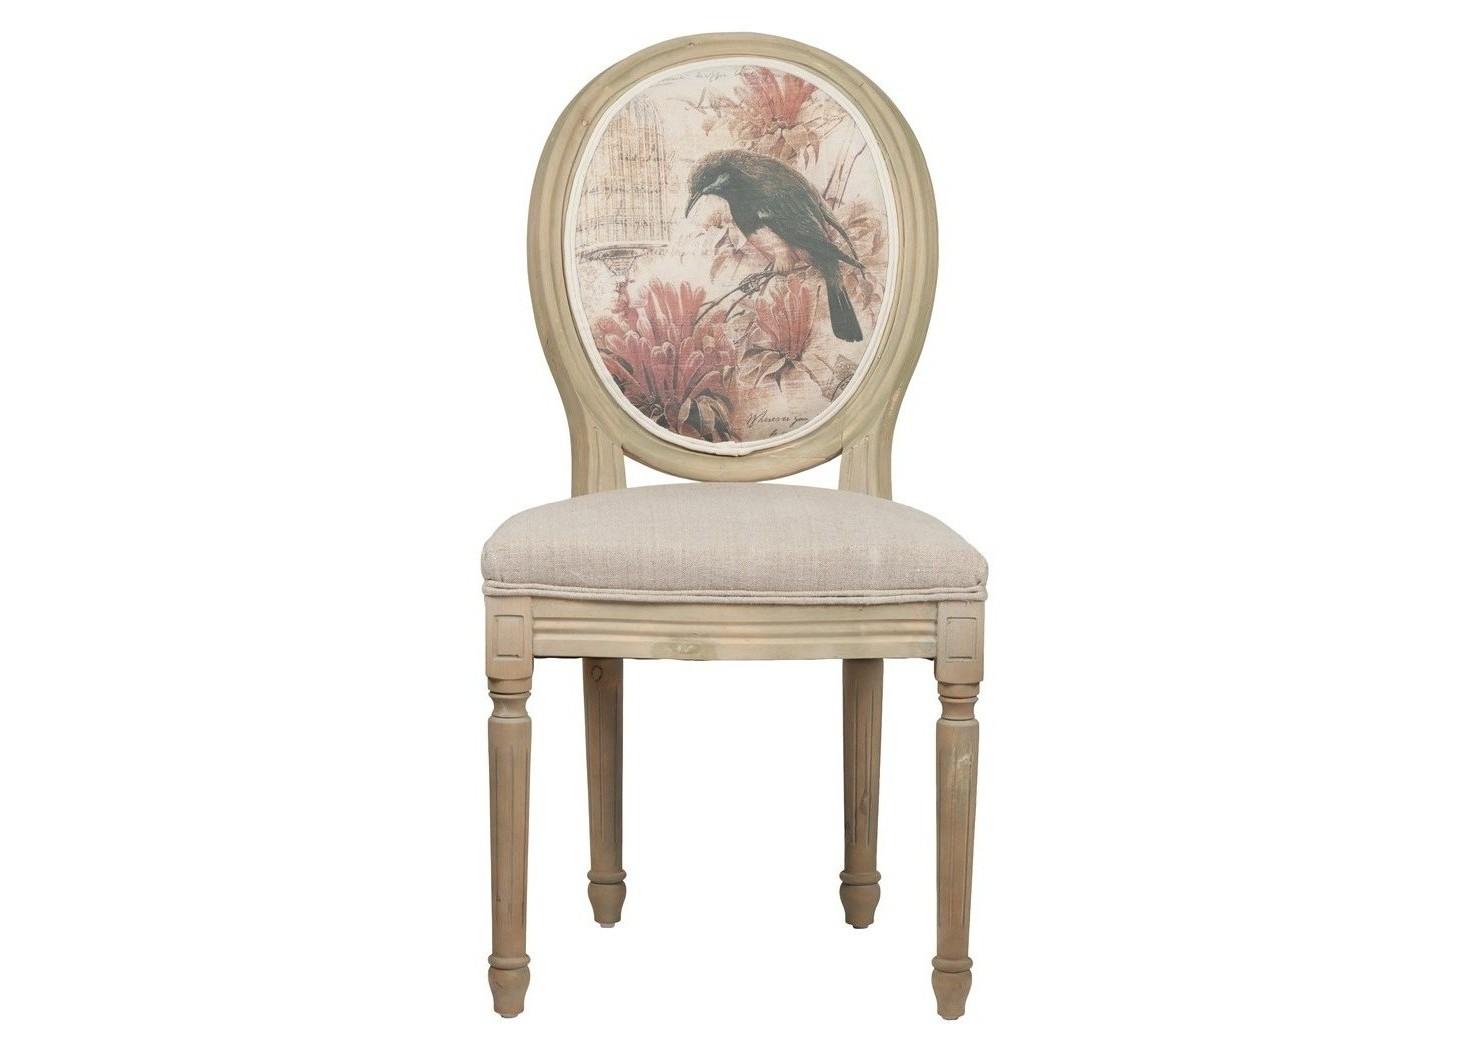 Стул  VenetaОбеденные стулья<br>Классический стул-медальон эпохи последнего, 16-го Людовика. Верх мебельной простоты и элегантности. Каркас из искусственно состаренного дерева, обивка из льна бежевого цвета и растительные мотивы на спинке придают дизайну легкость и утонченность.<br>Материал: Лен, деревянное основание (под антик), поролон<br><br>Material: Лен<br>Length см: 50<br>Width см: 56<br>Height см: 96